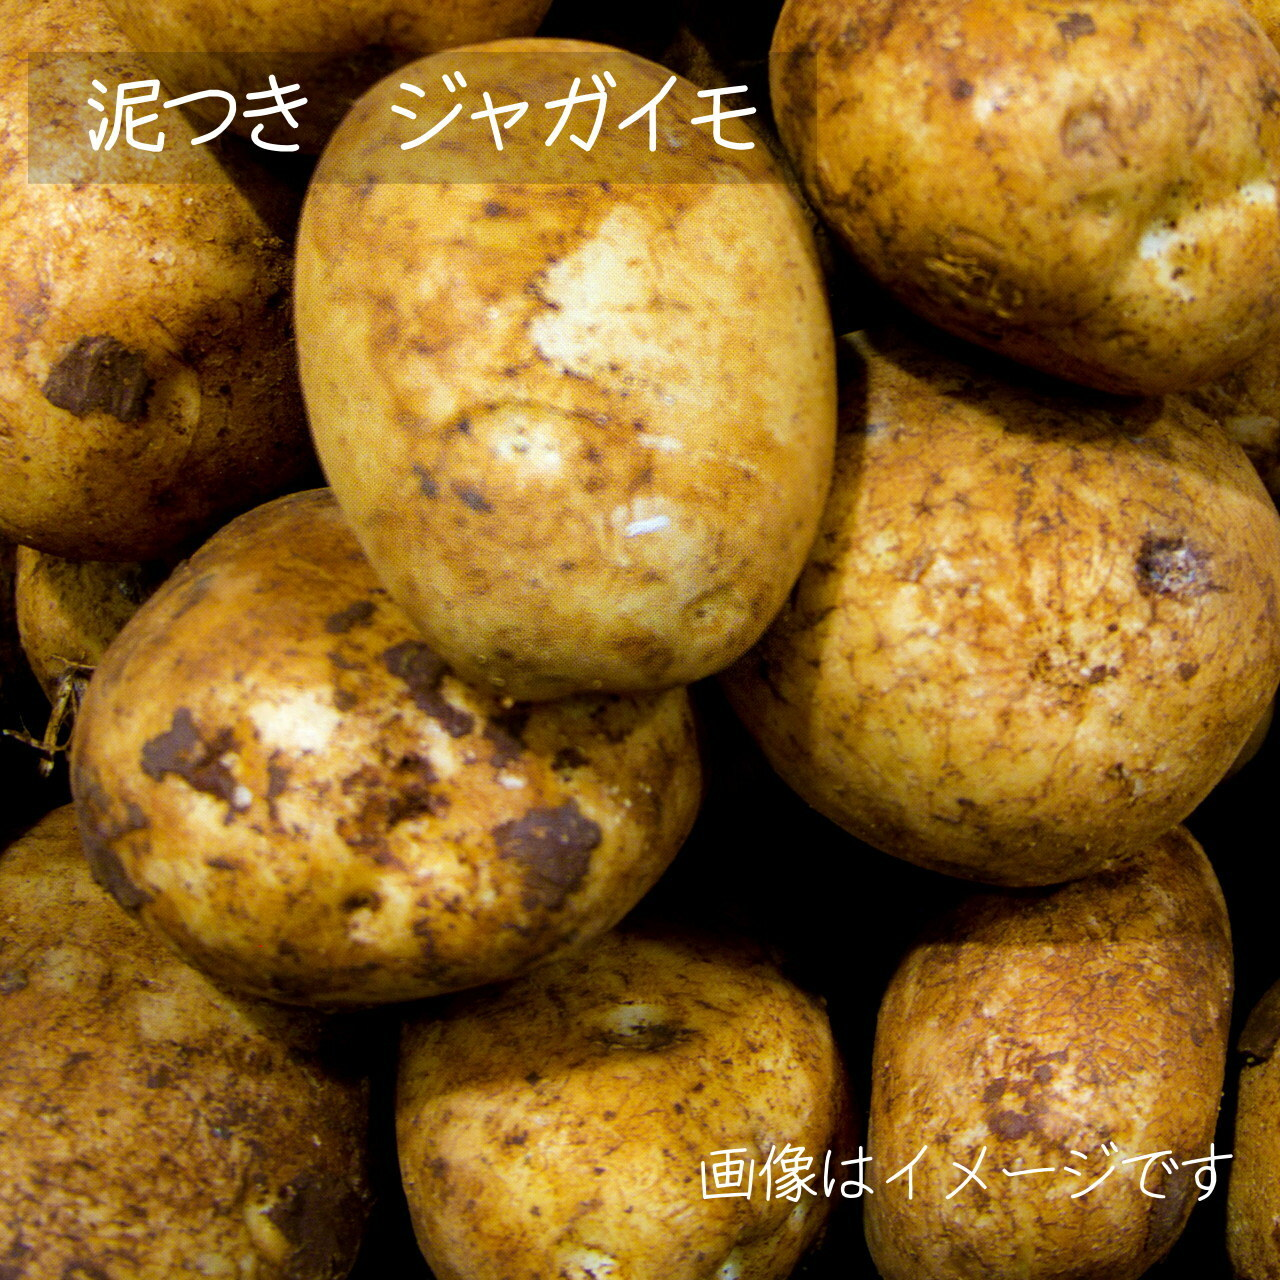 8月の新鮮な夏野菜 : ジャガイモ 約600g 朝採り直売野菜 8月15日発送予定